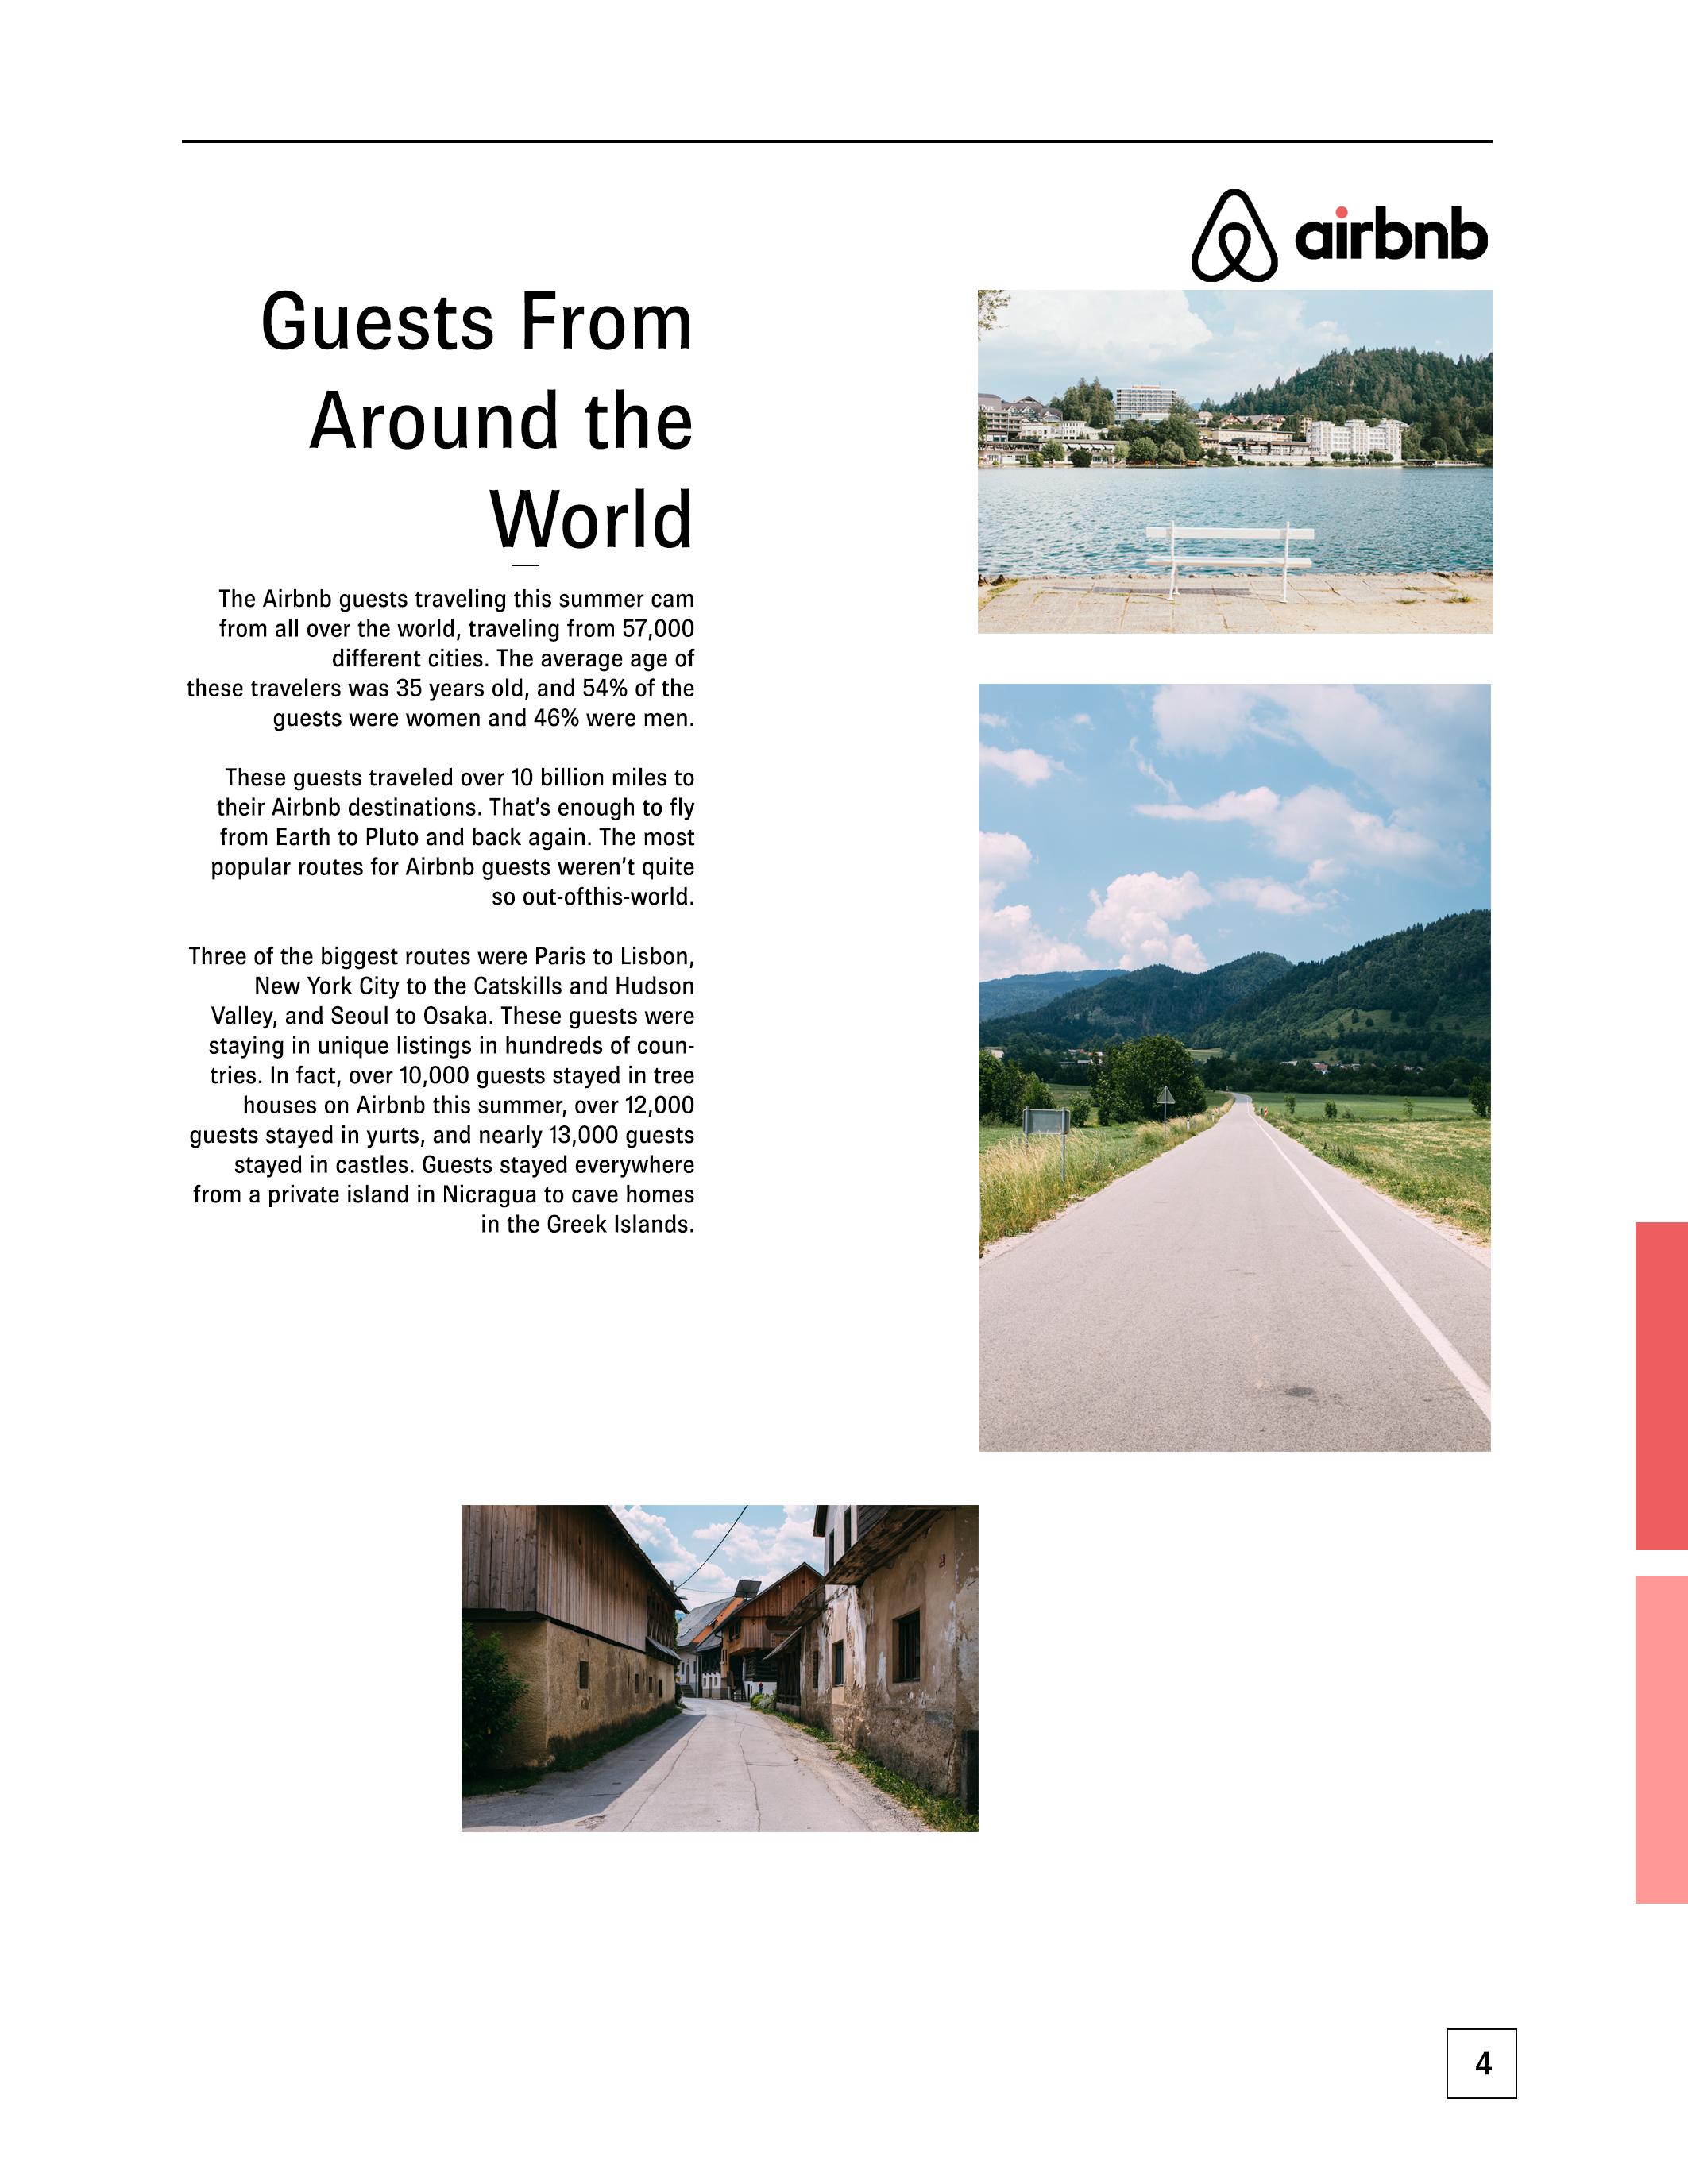 pg 4 design.jpg